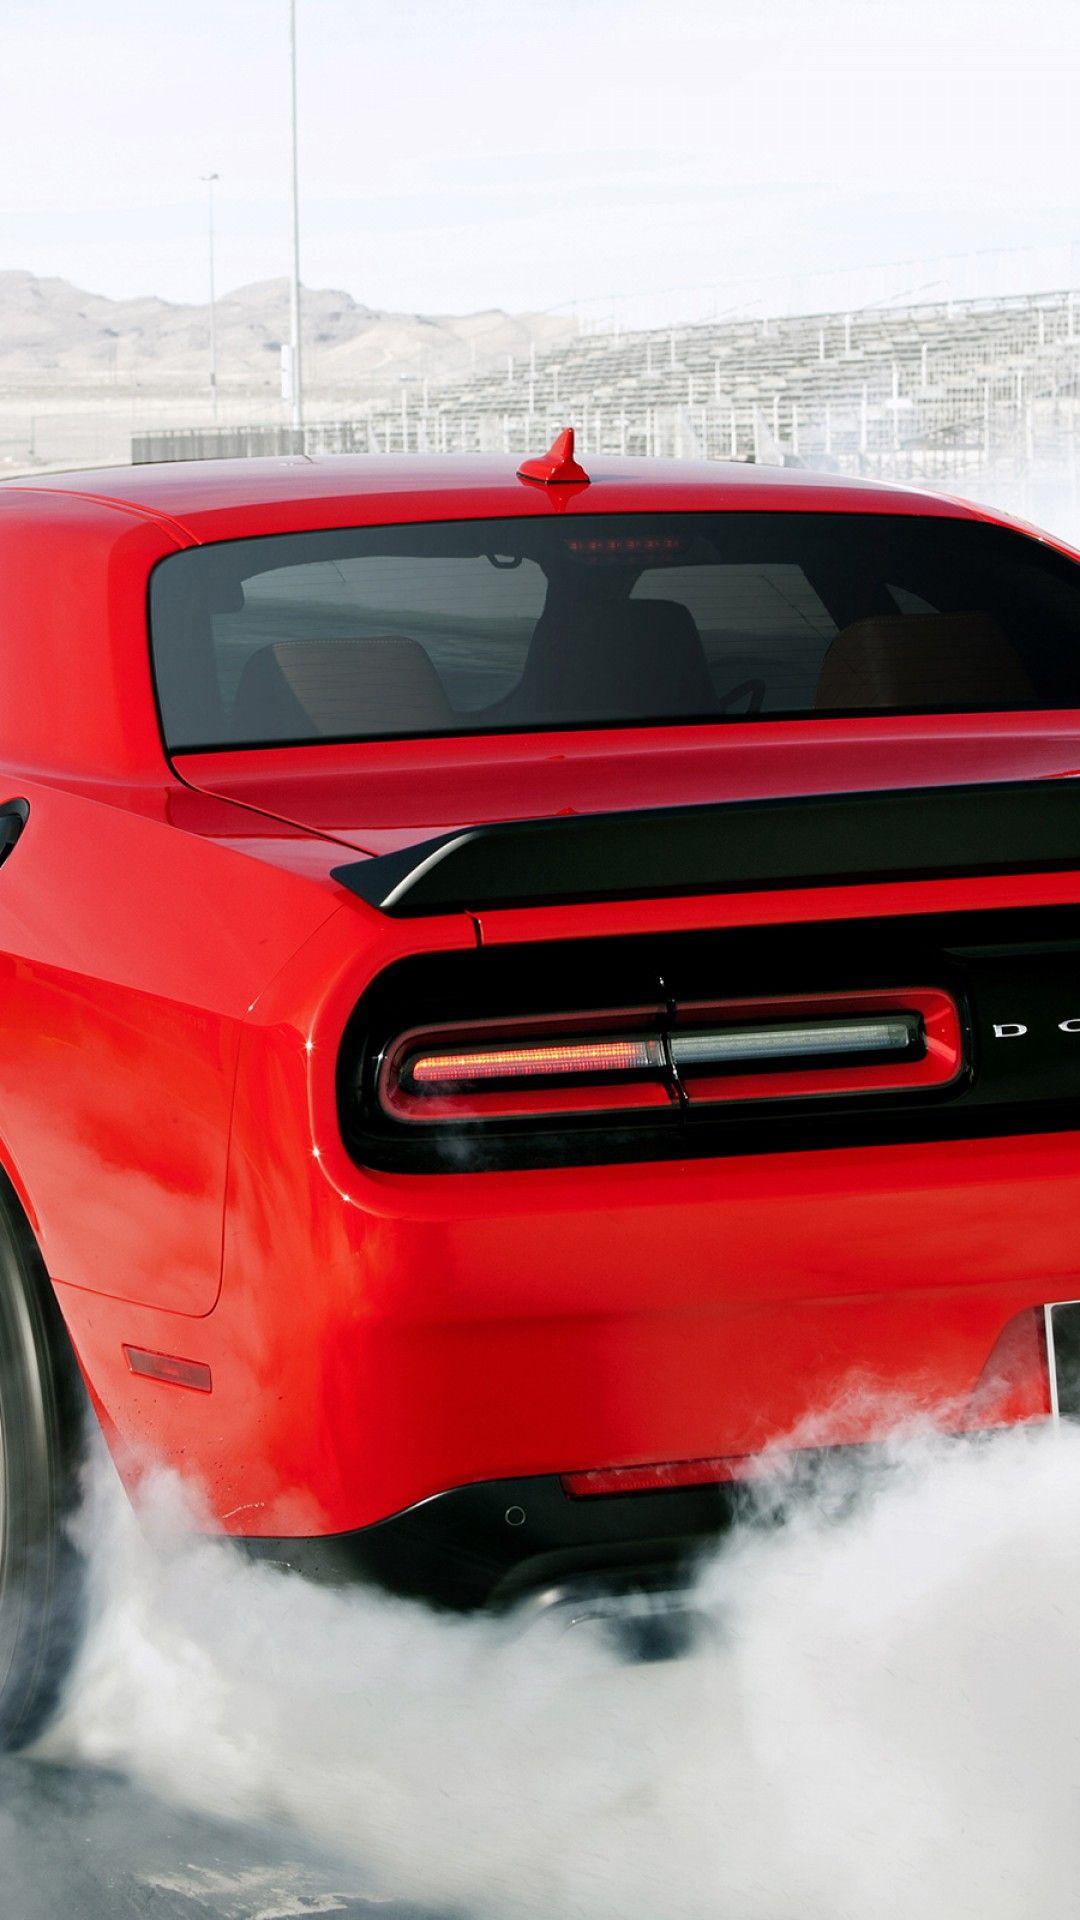 Dodge Challenger Srt Hellcat Iphone Wallpaper Nemetas